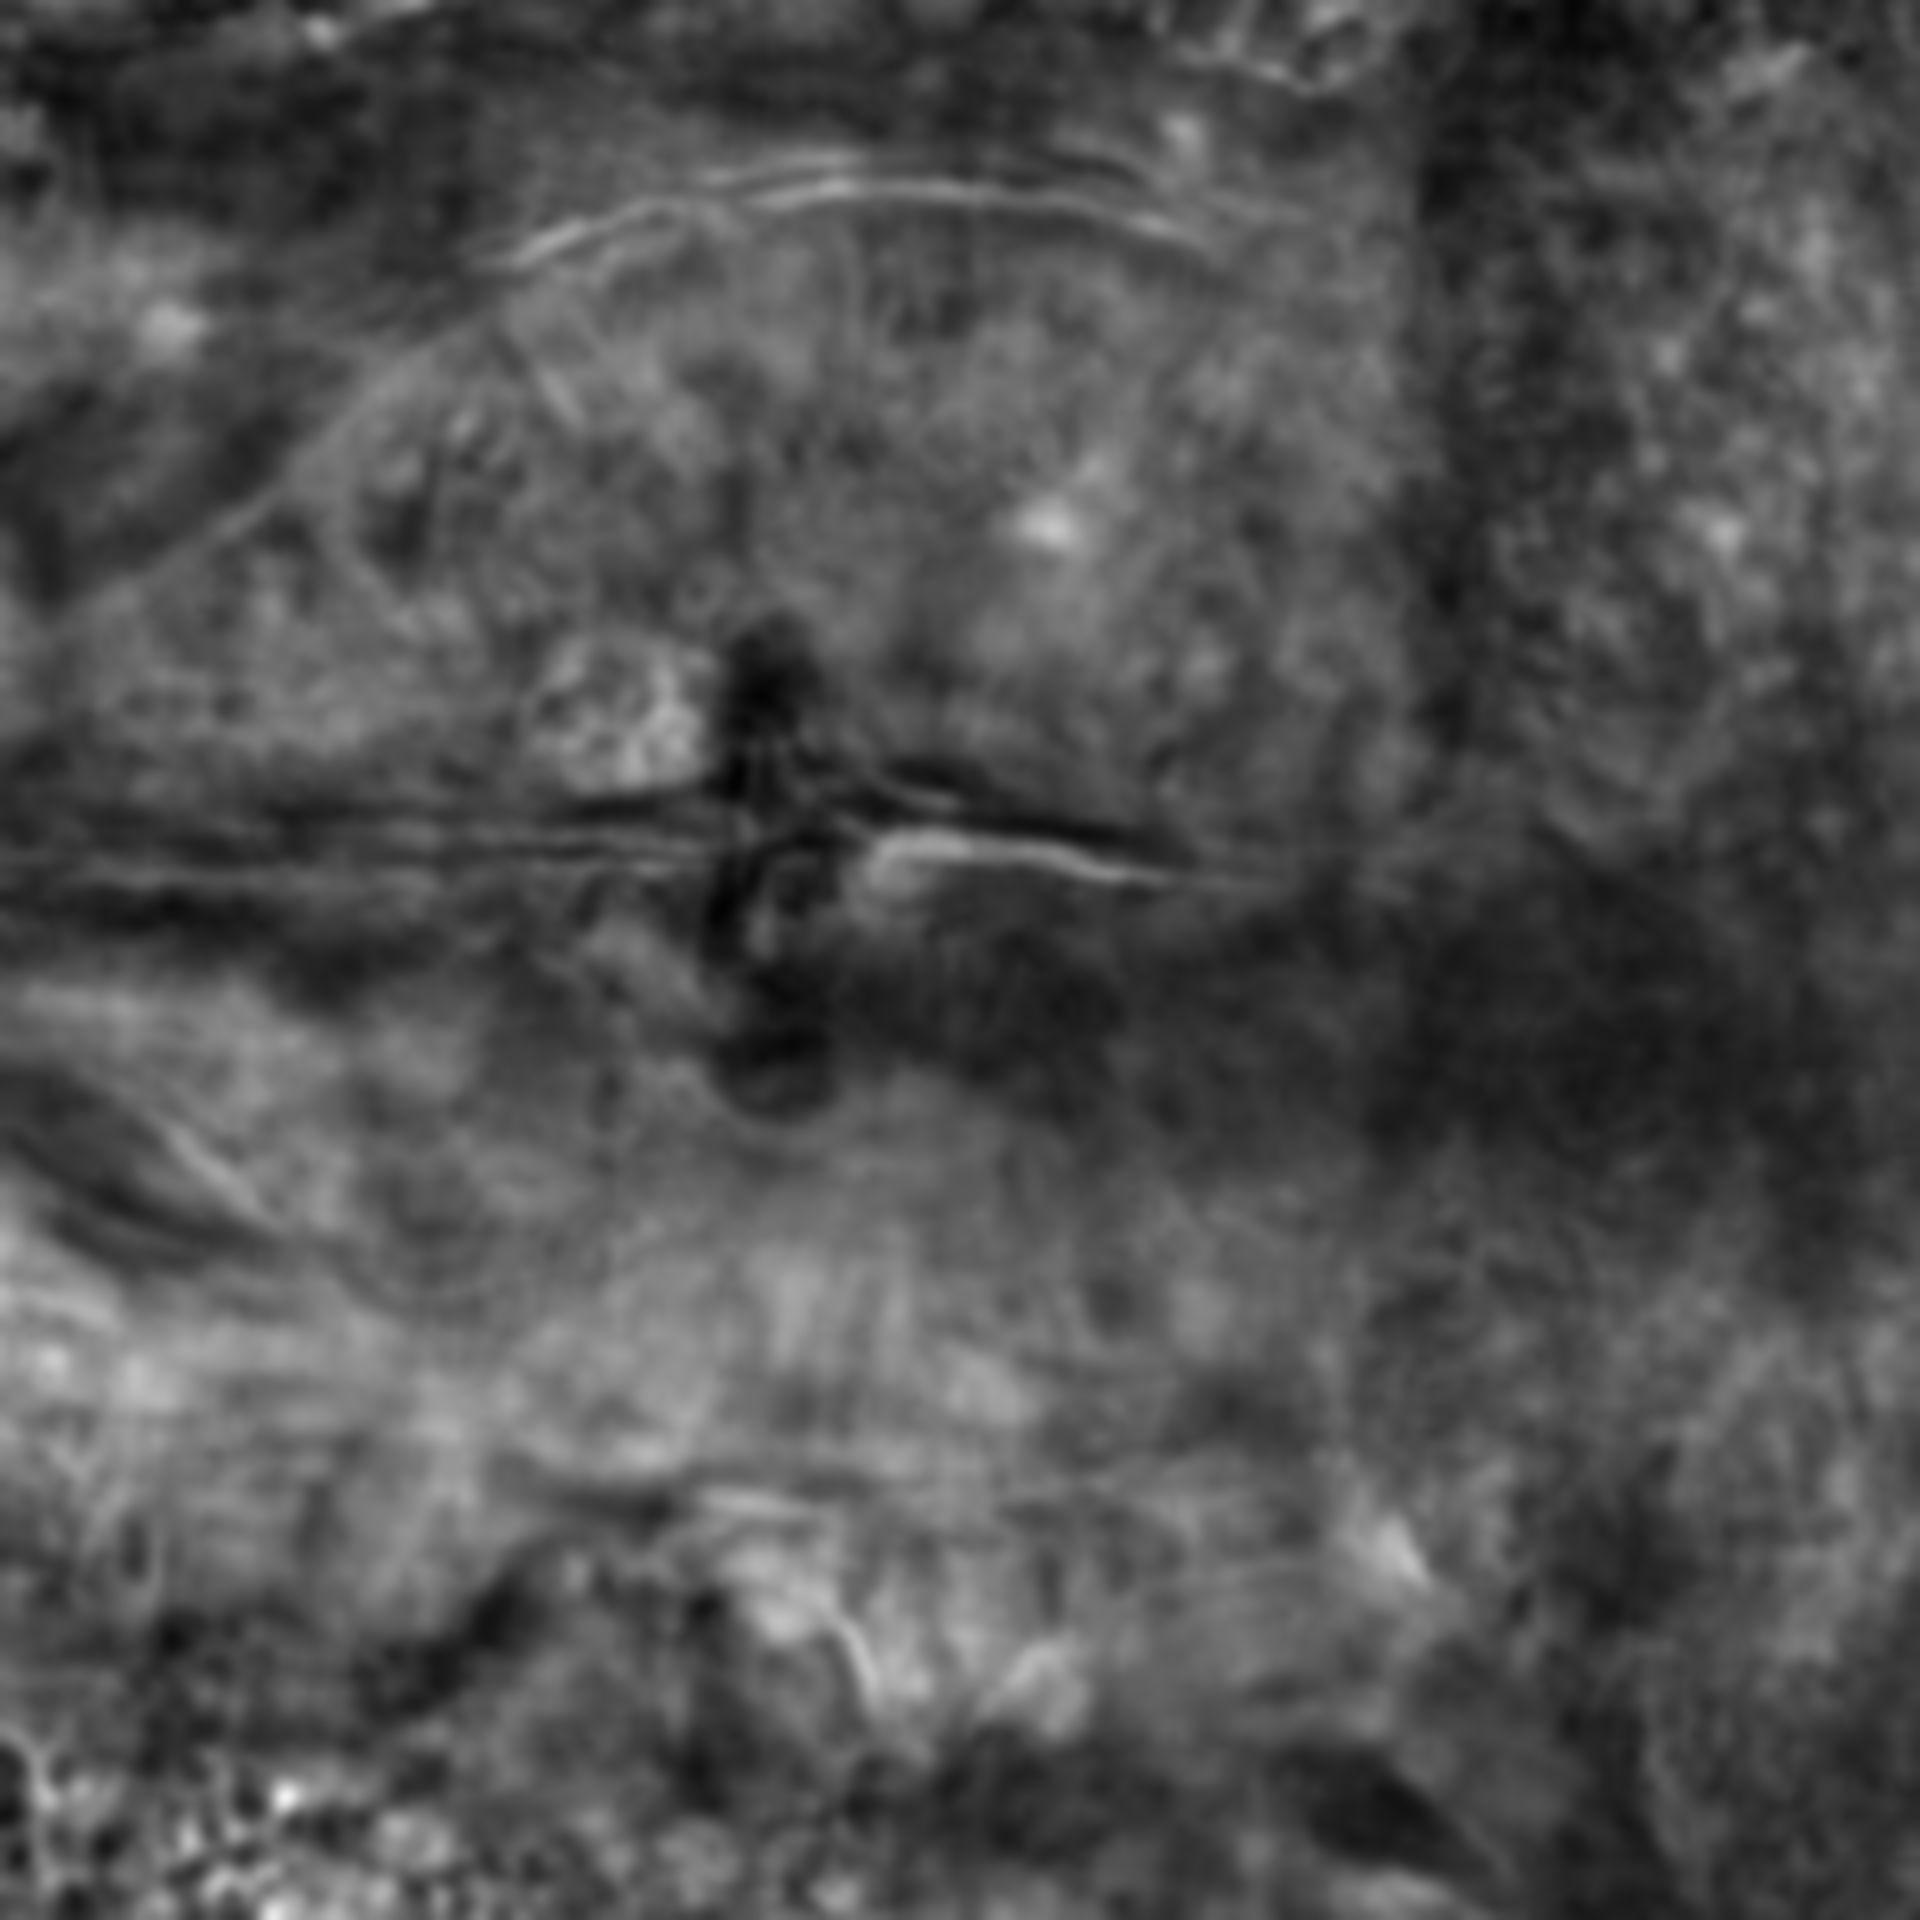 Caenorhabditis elegans - CIL:2299